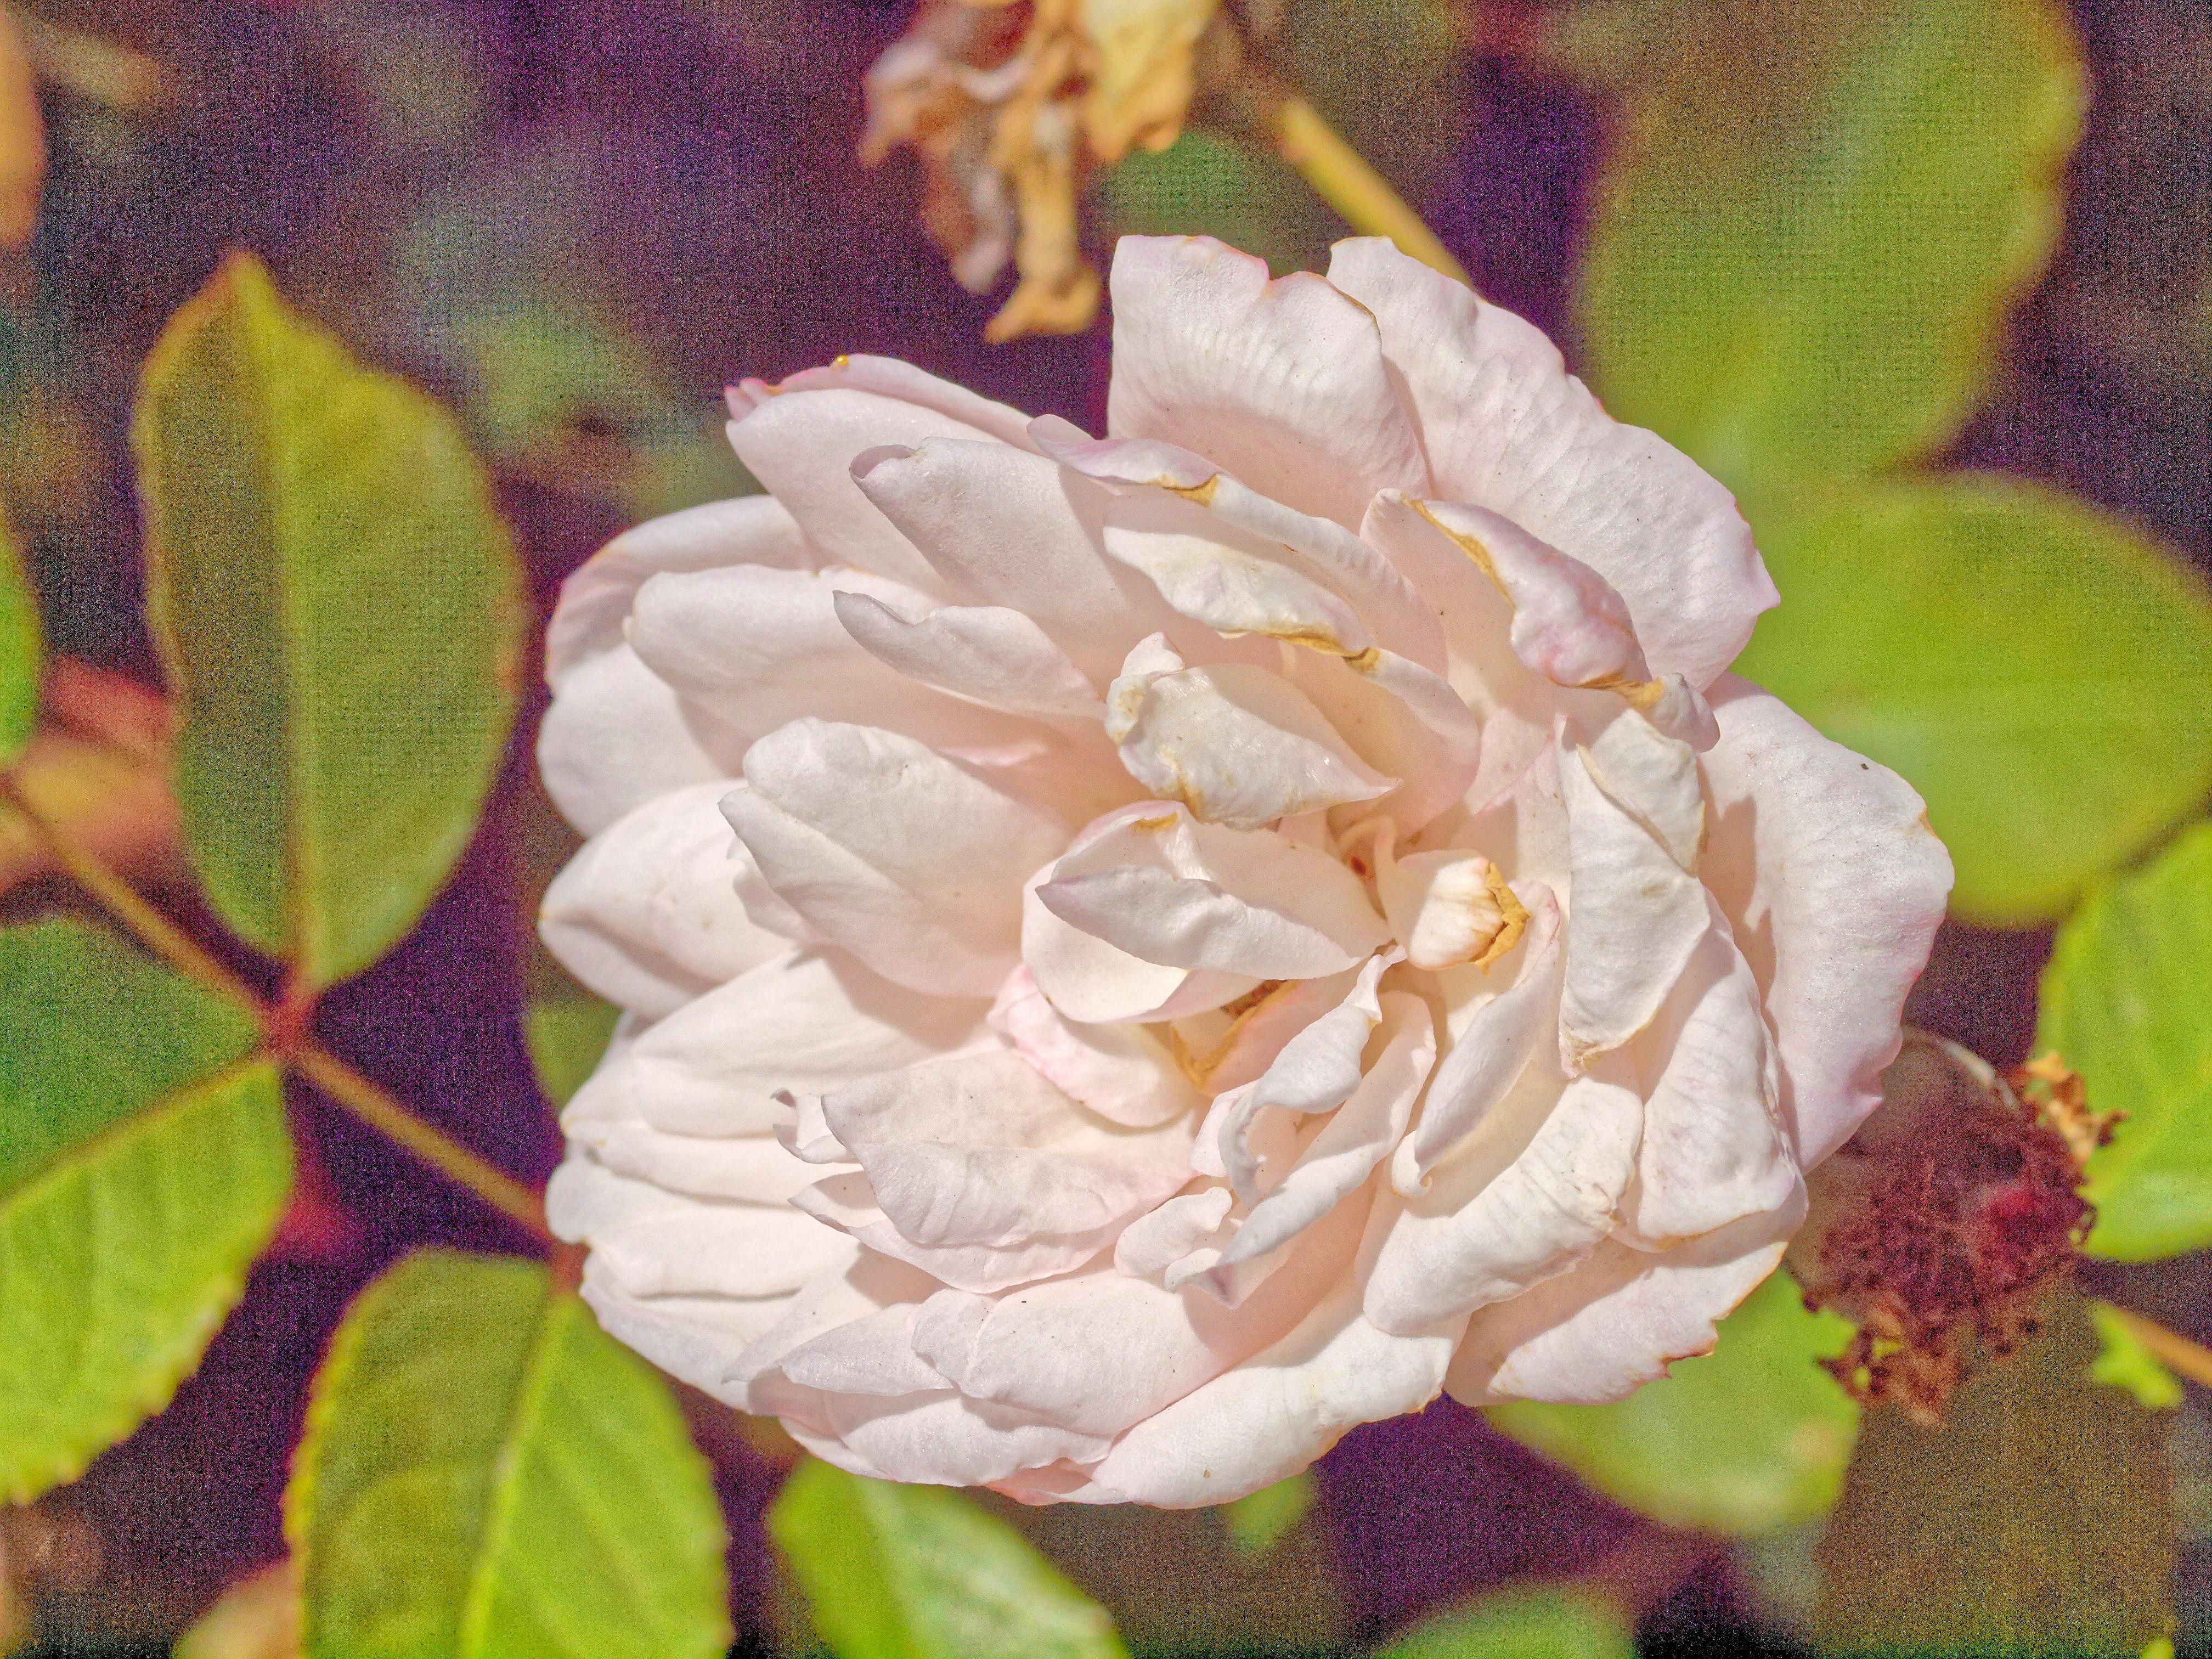 Rosa-Gruss-an-Aachen-1.jpeg